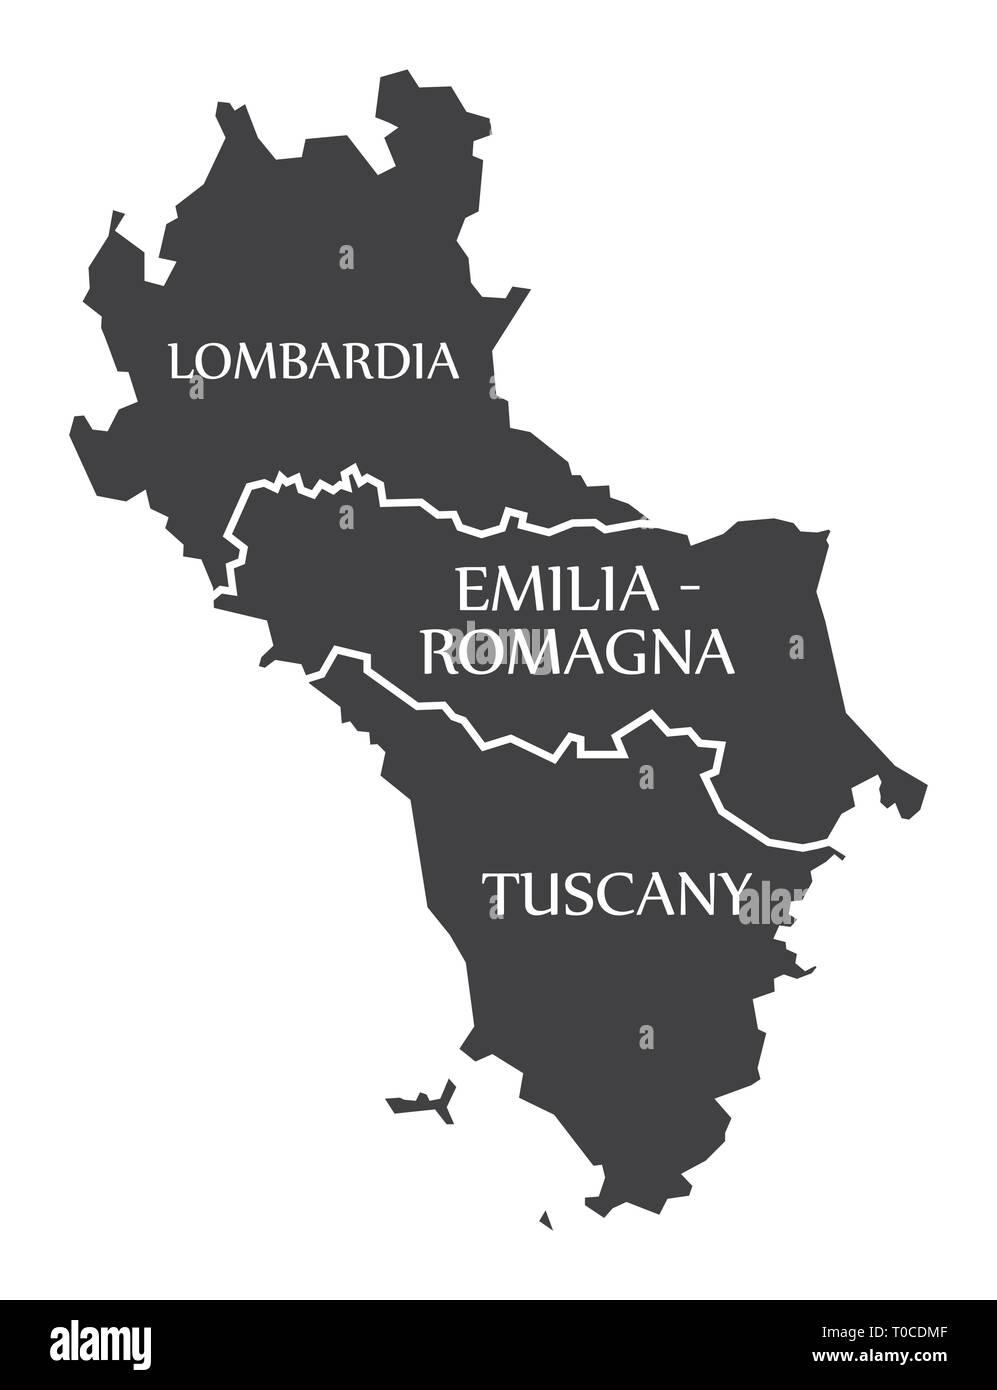 Map Of Italy Tuscany Region.Lombardia Emilia Romagna Tuscany Region Map Italy Stock Vector